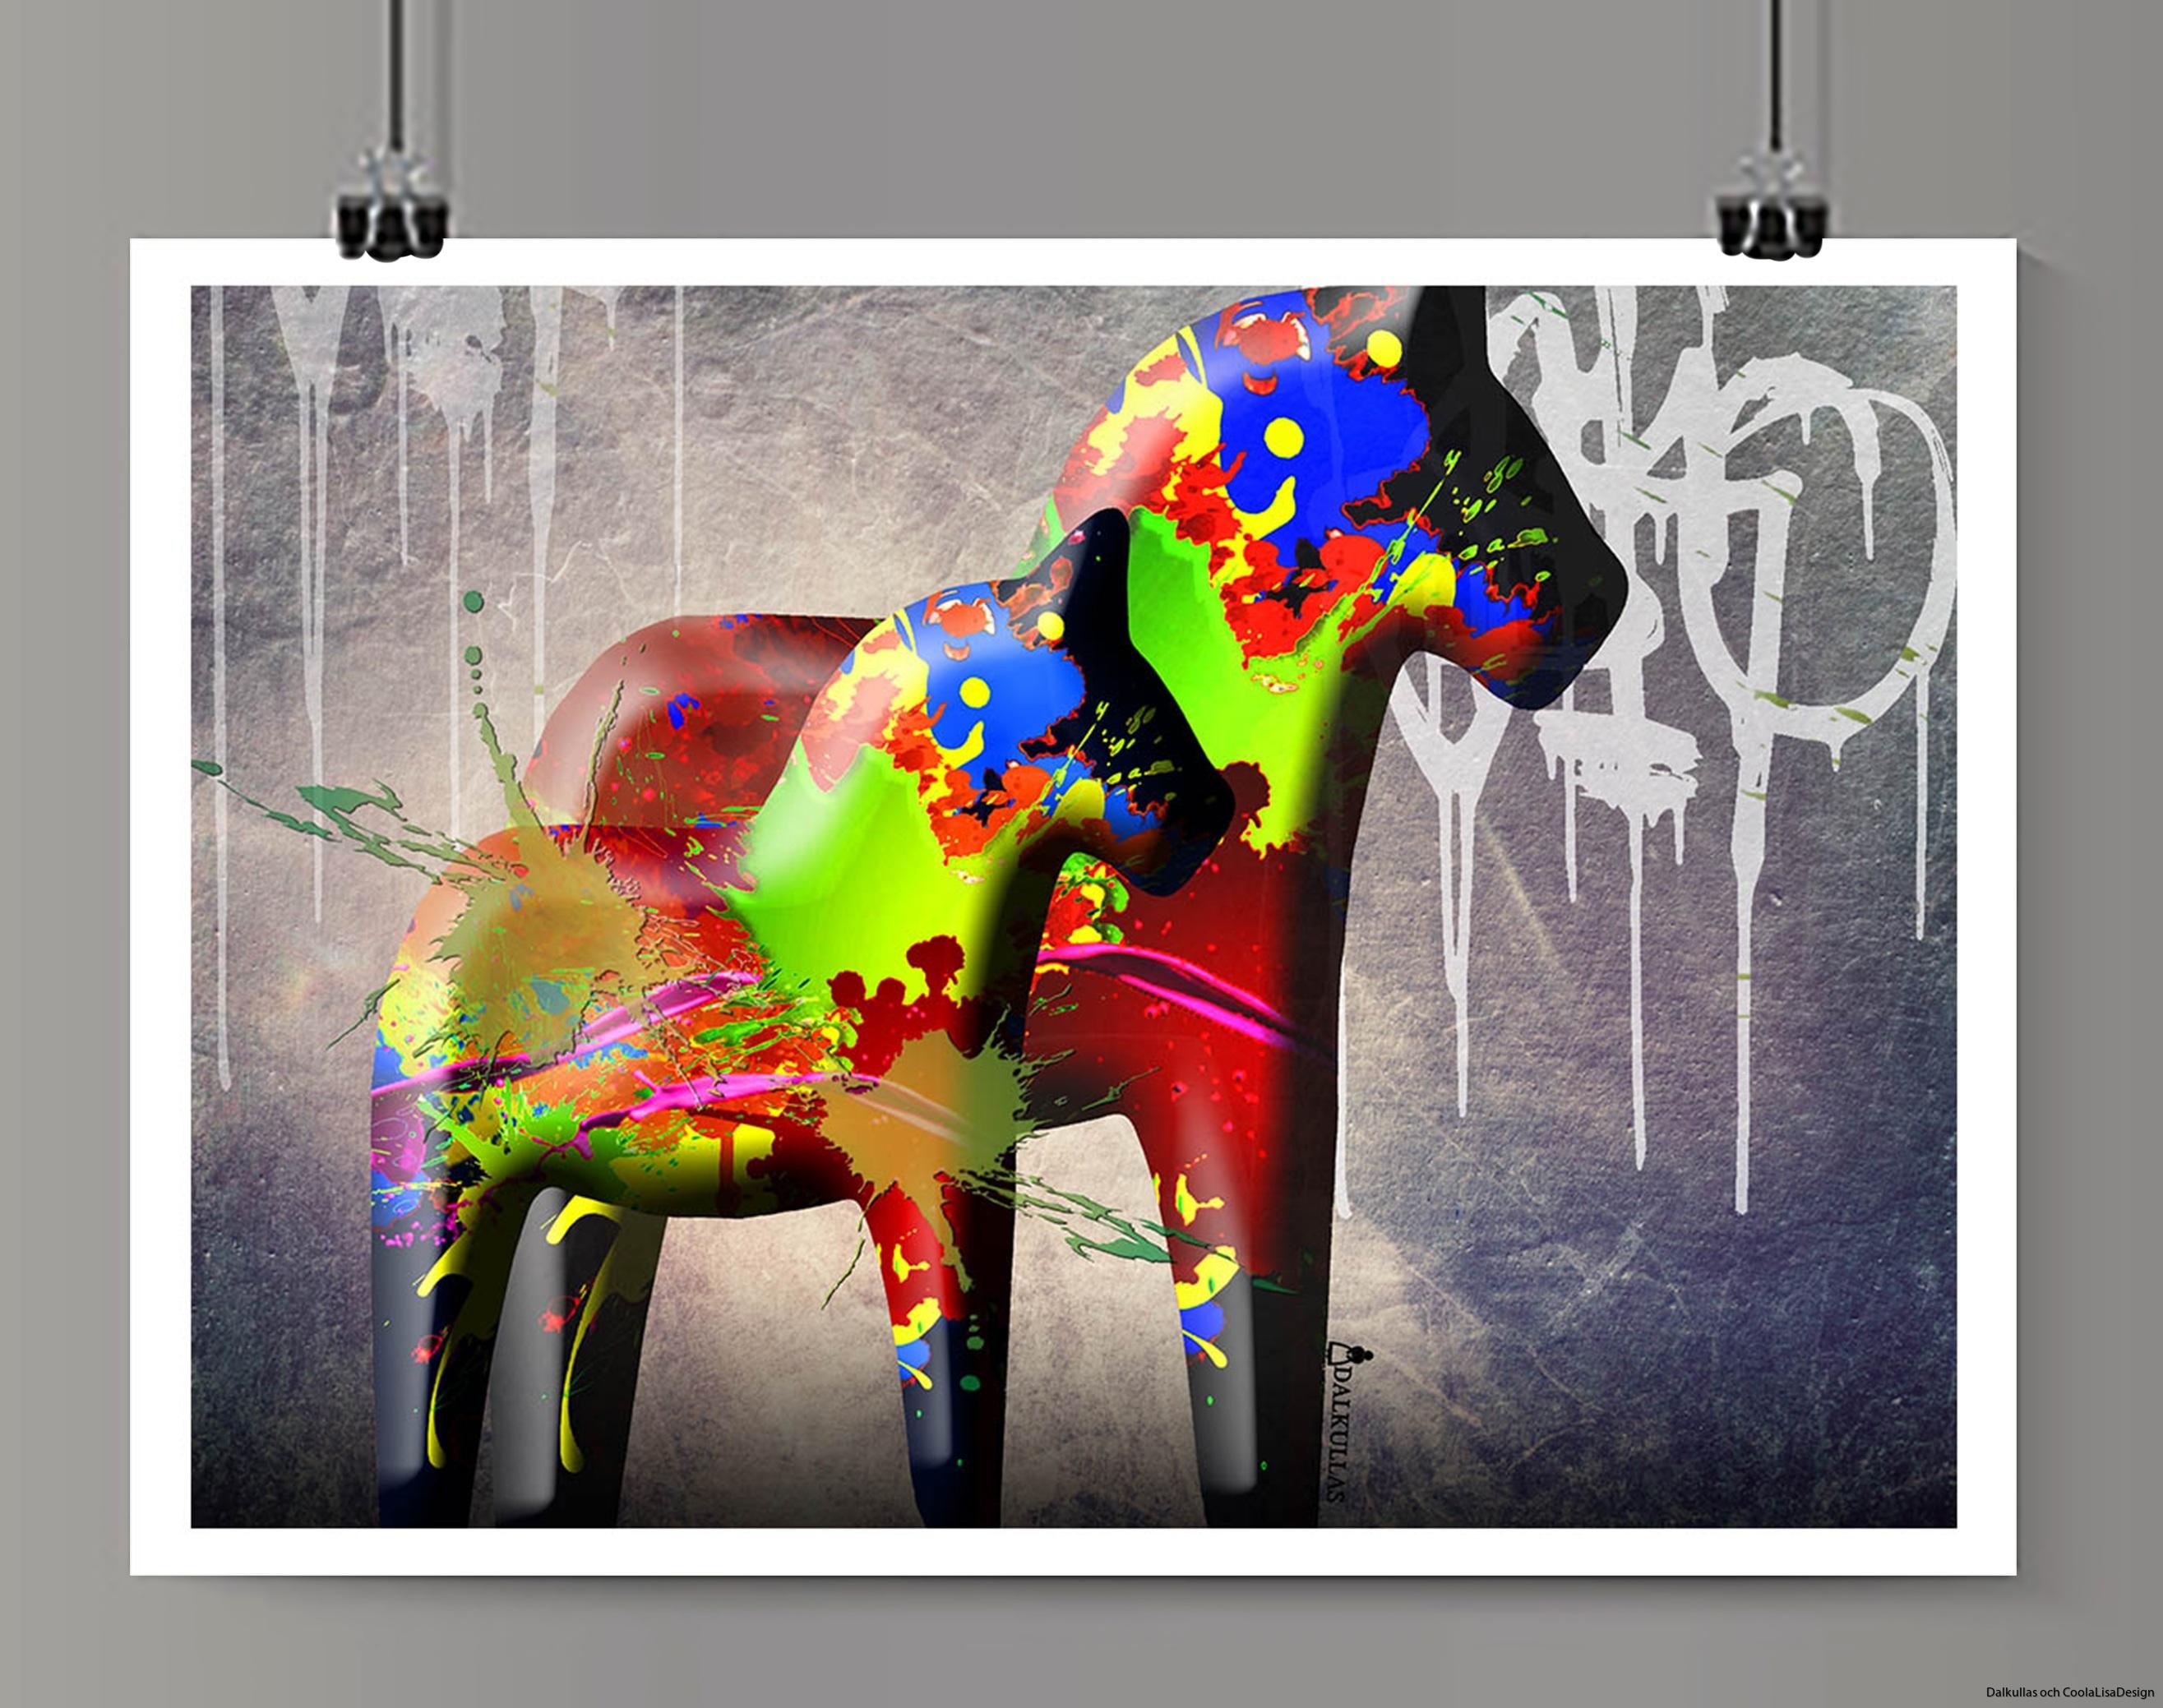 dalahäst graffiti 3